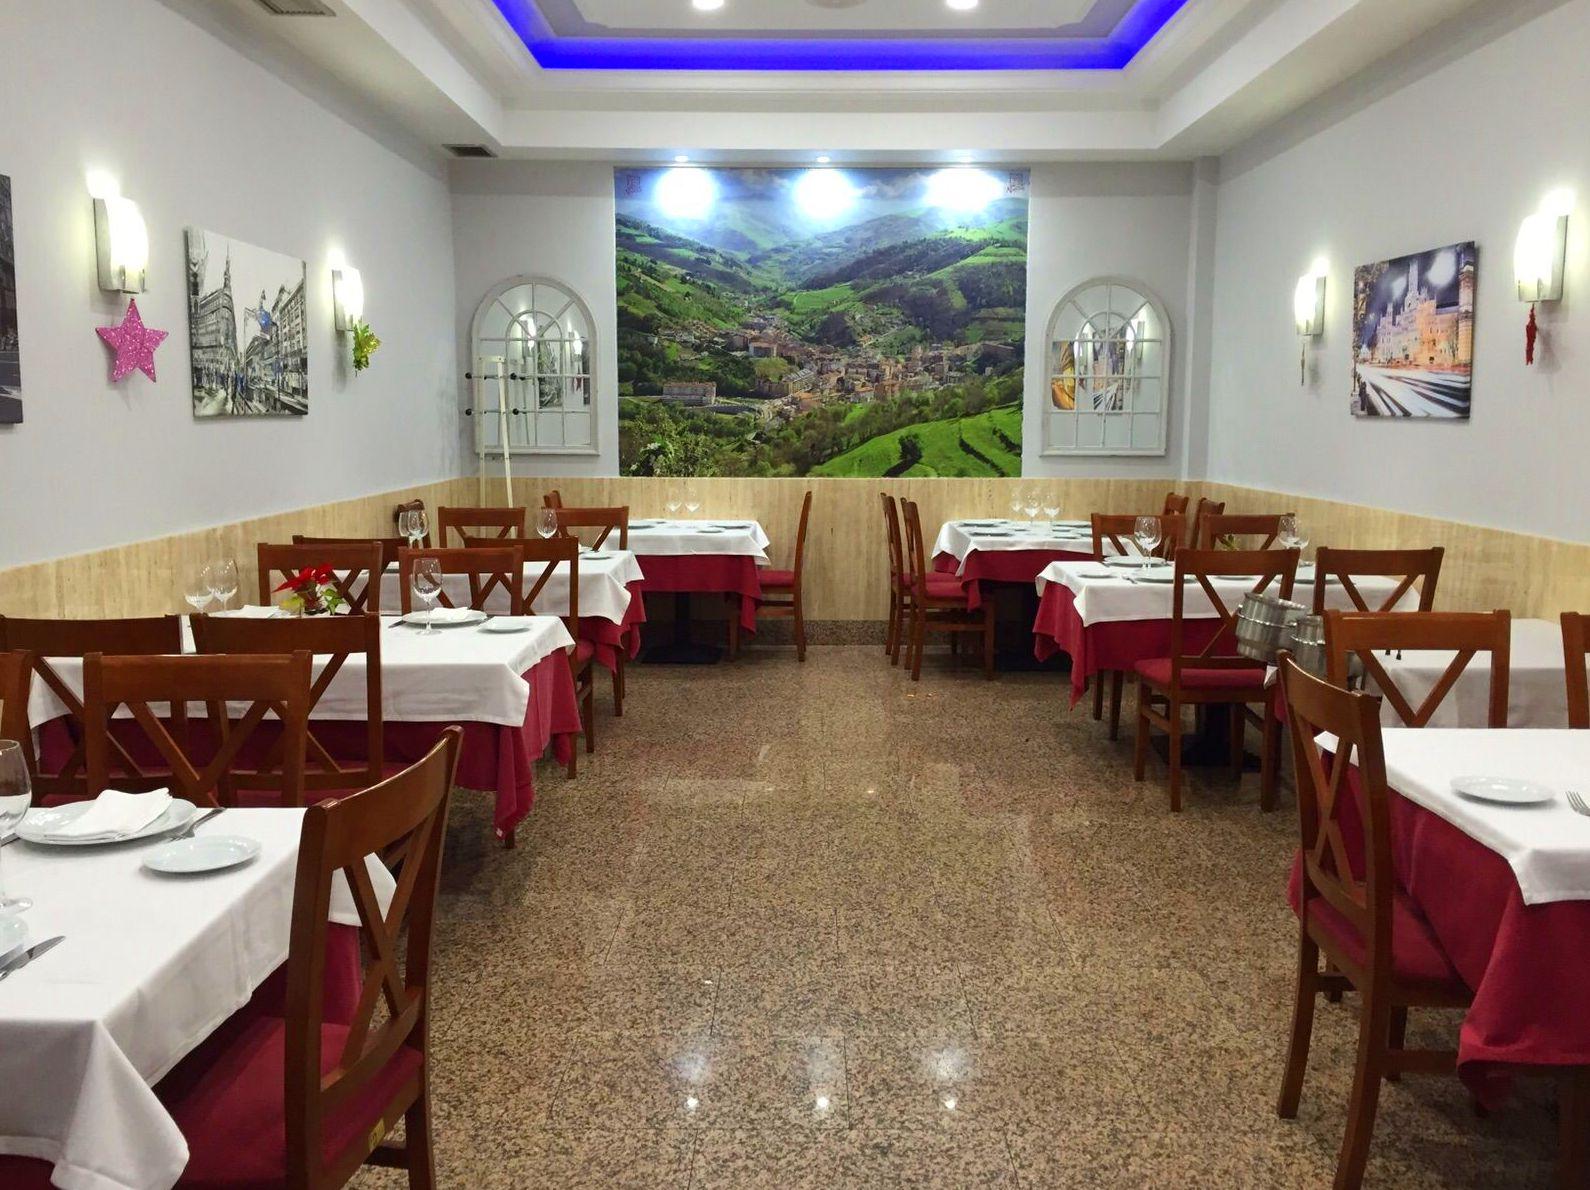 Foto 1 de Restaurante en Madrid | Restaurante Narcea